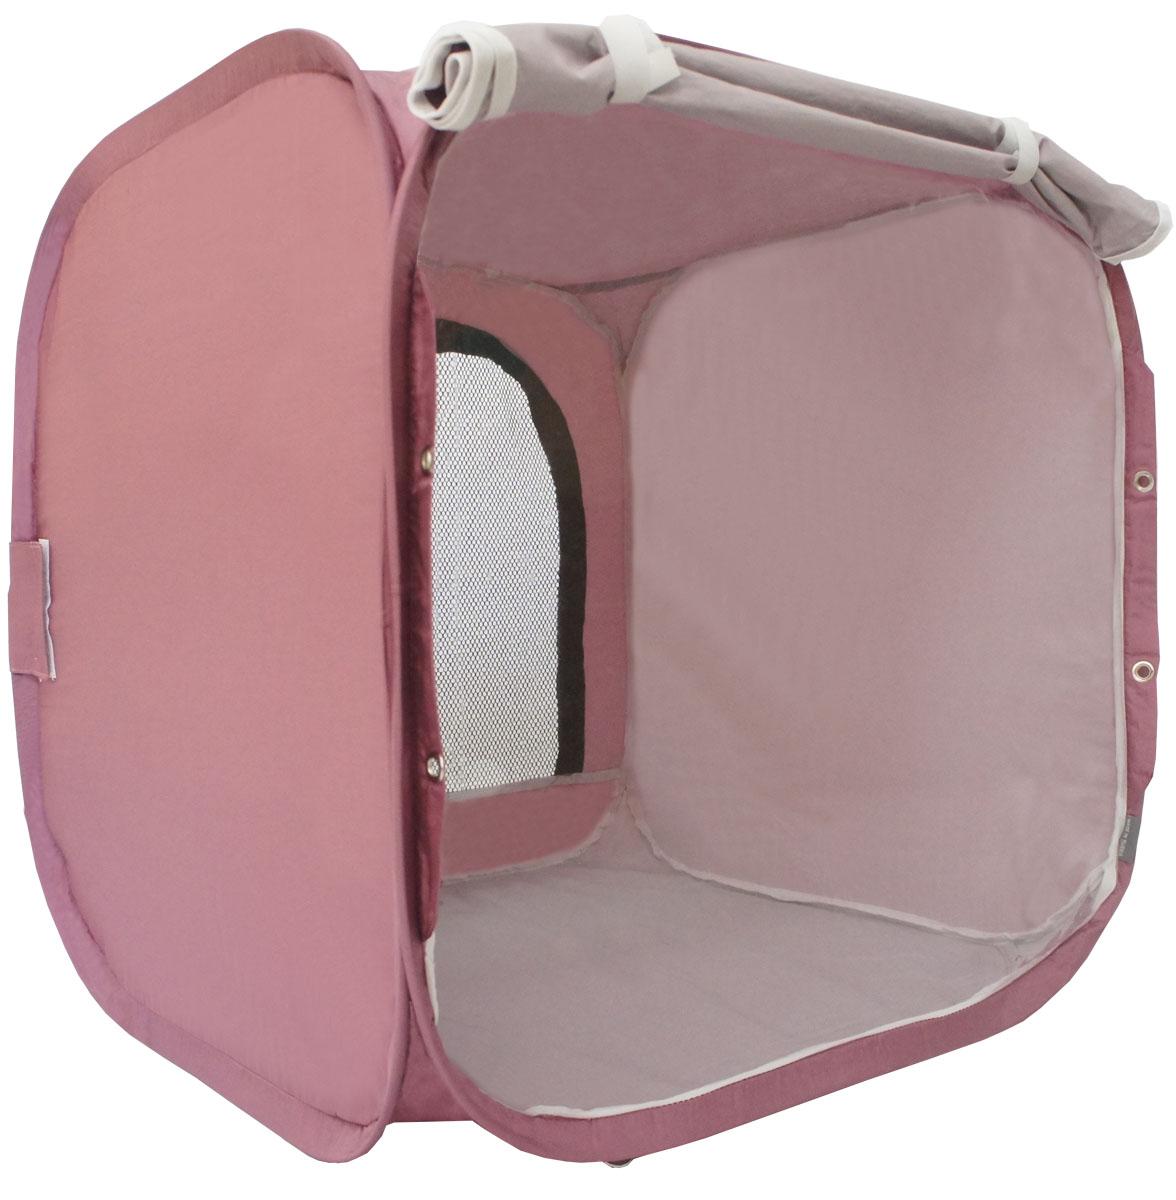 Палатка для выставки животных Шоу-Петс, цвет: бордовый, 60 х 60 х 60 см. ПВЛ1БПВЛ1БПалатка разработана профессиональными заводчиками для тех, кто хочет перемещаться и выставляться со своими питомцами легко и комфортно: - палатка разворачивается и сворачивается за 30 секунд; - экран палатки выполнен из суперпрозрачной пленки, шторка по желанию может опускаться и полностью закрывать экран от взглядов посетителей выставки; - палатка сворачивается восьмеркой в компактный блинчик и убирается в компрессионный чехол (идет в комплекте); - в комплекте к палатке идут ремни для крепления к столу, а так же ими удобно фиксировать палатку в поезде на верхней полке или в машине; - со стороны заводчика расположен большой удобный вход в палатку на молнии, бегунки молнии фиксируются крепежом, не позволяющим животному самостоятельно открыть вход и выбраться из палатки; - в скрученном виде палатка практически не занимает места в багаже и не ощущается по весу; - данный размер палатки предназначен для комфортного размещения на выставке одного животного среднего размера; - материал...